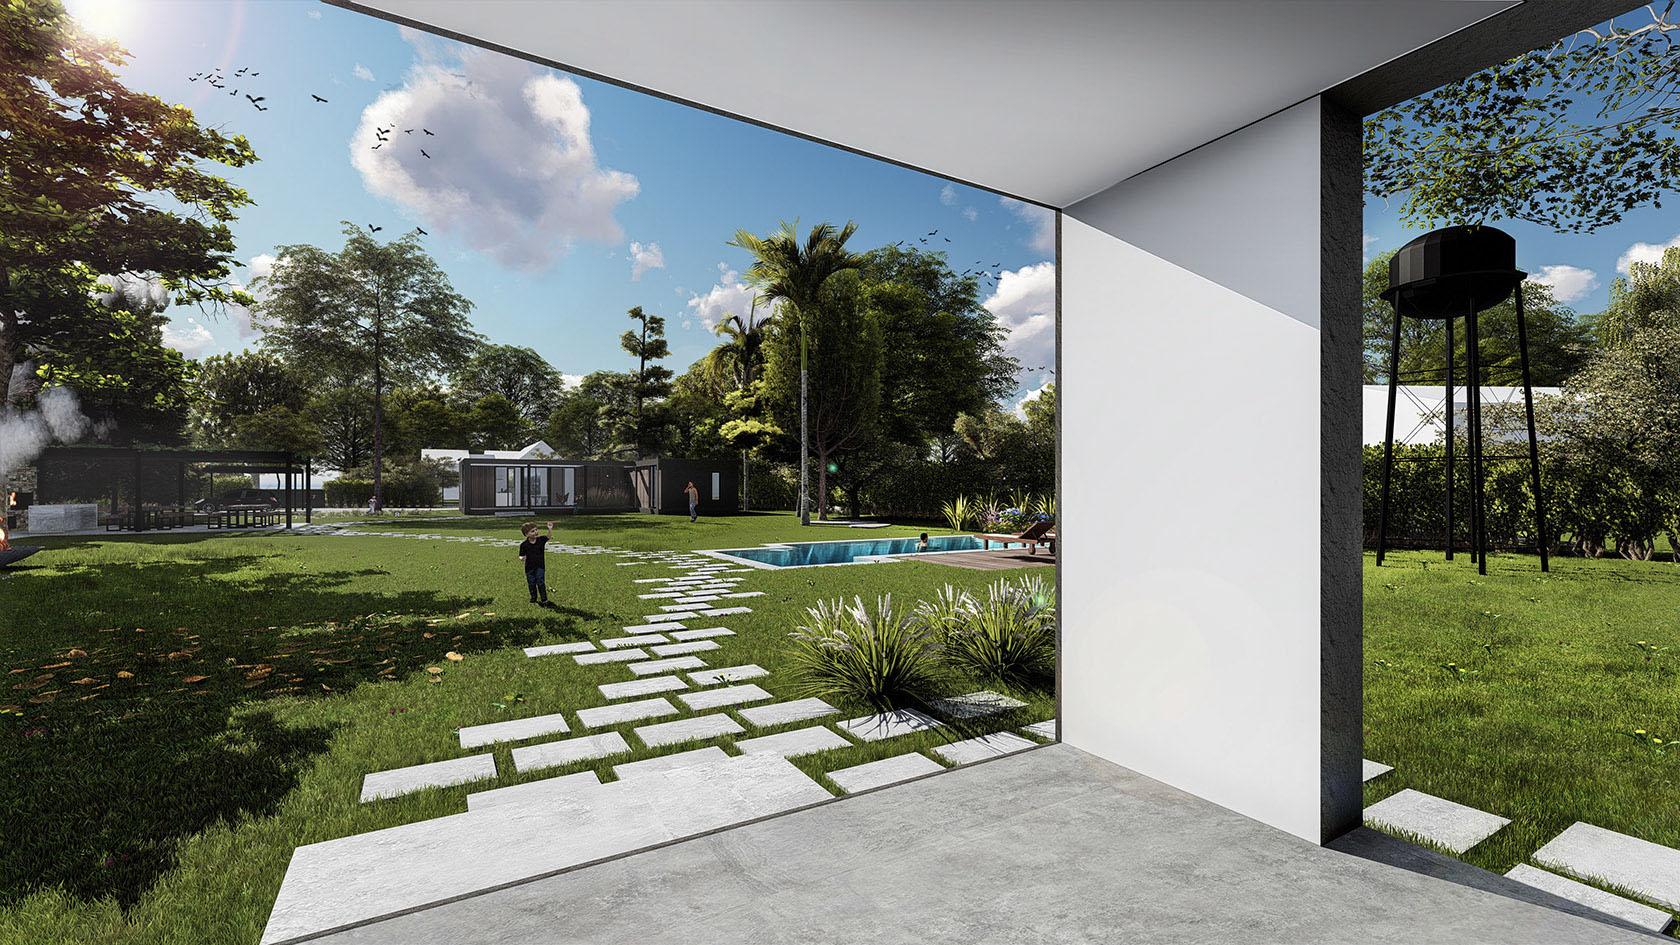 Casas con visuales a jardín, diseño de paisaje en casas, estrategias de diseño en casas con grandes terrenos